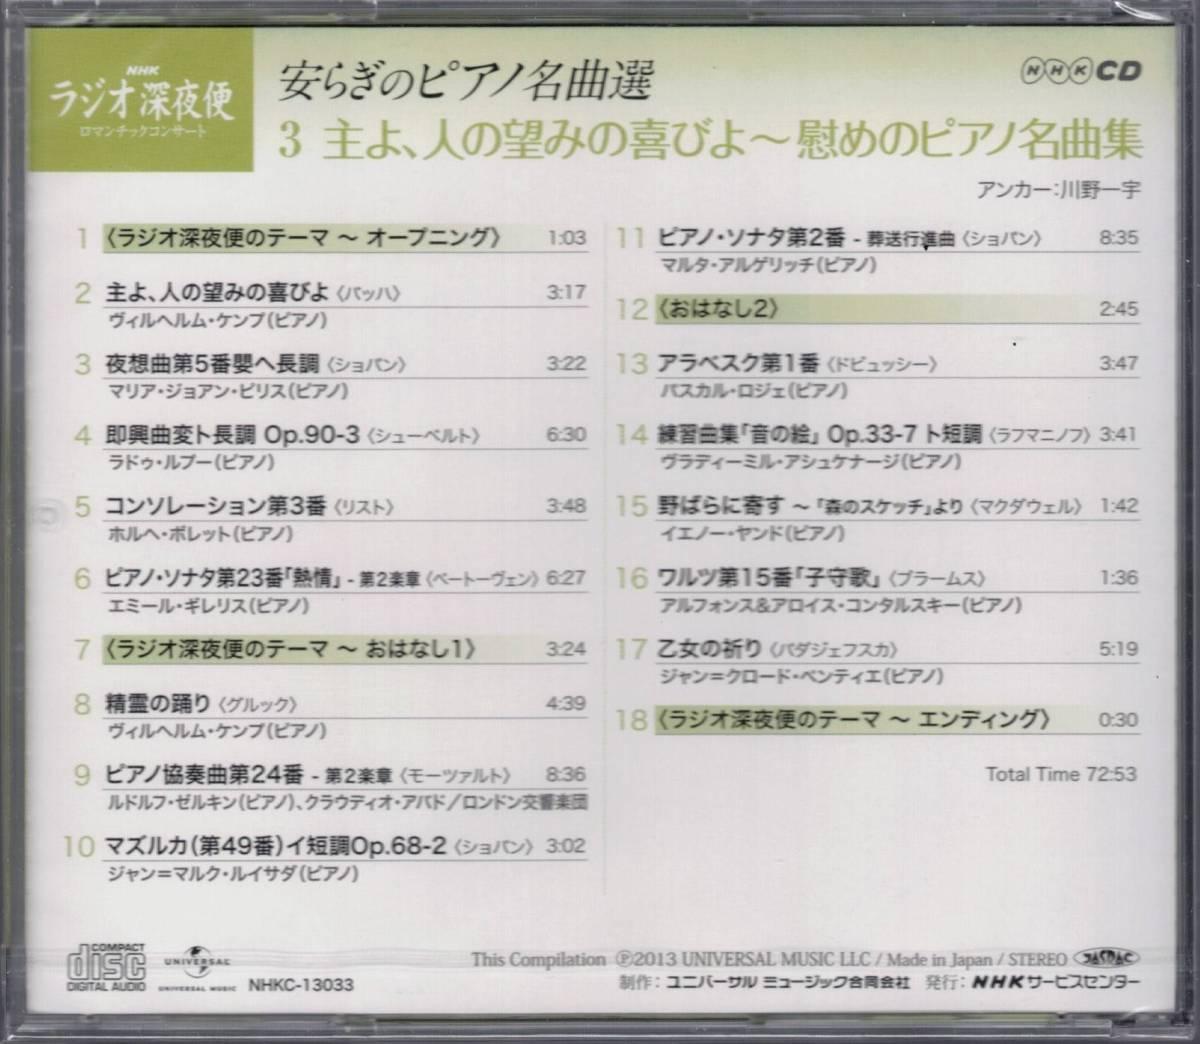 ●ラジオ深夜便 ロマンチックコンサート 『安らぎのピアノ名曲選』 CD-BOX 全6枚セット 送料無料_画像5